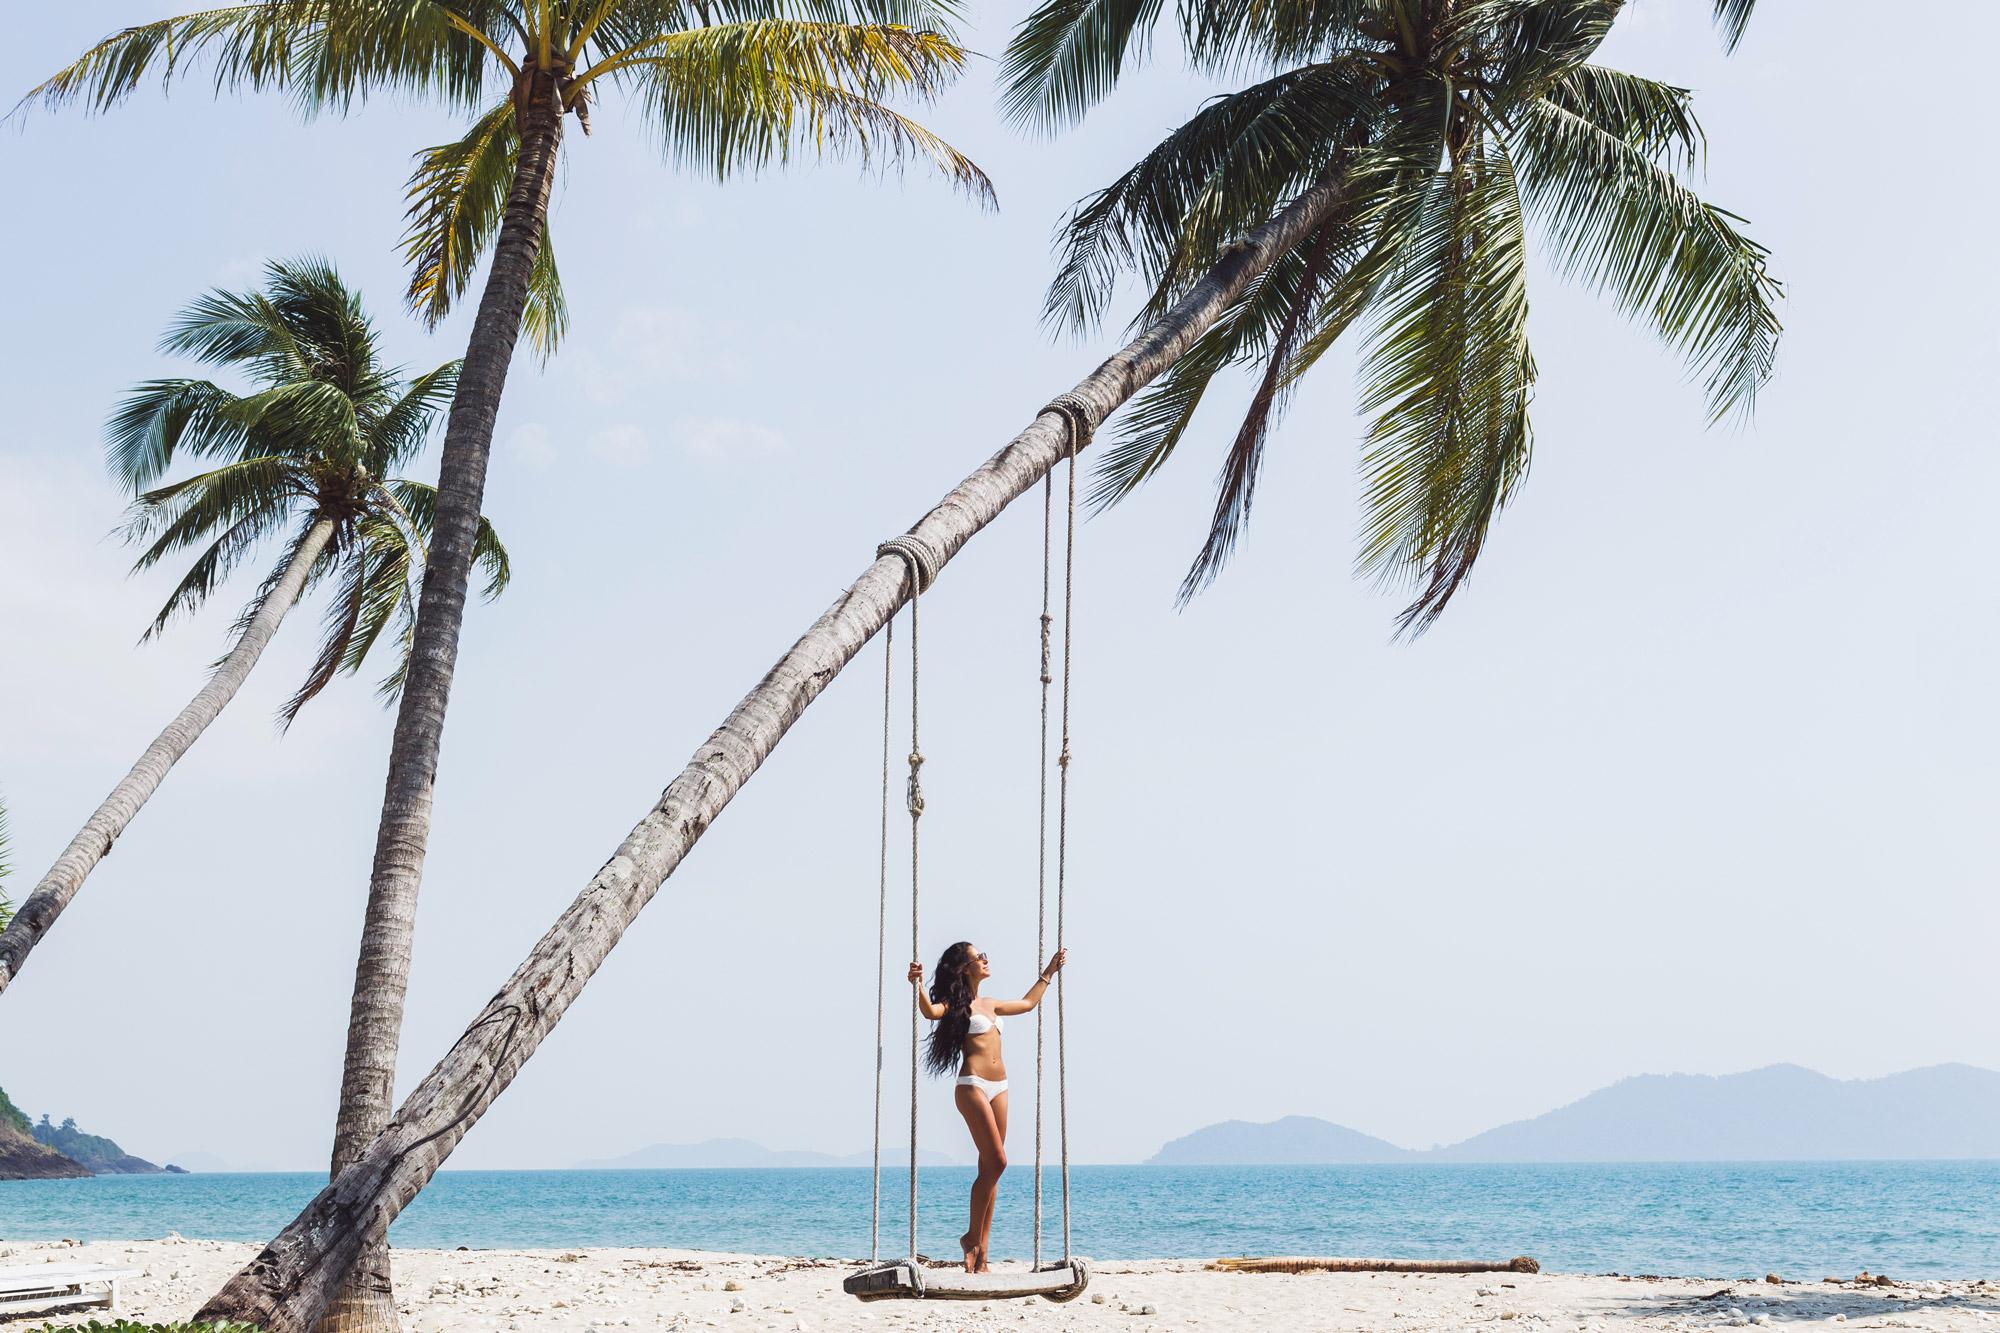 jeune fille sur une balançoire à la plage